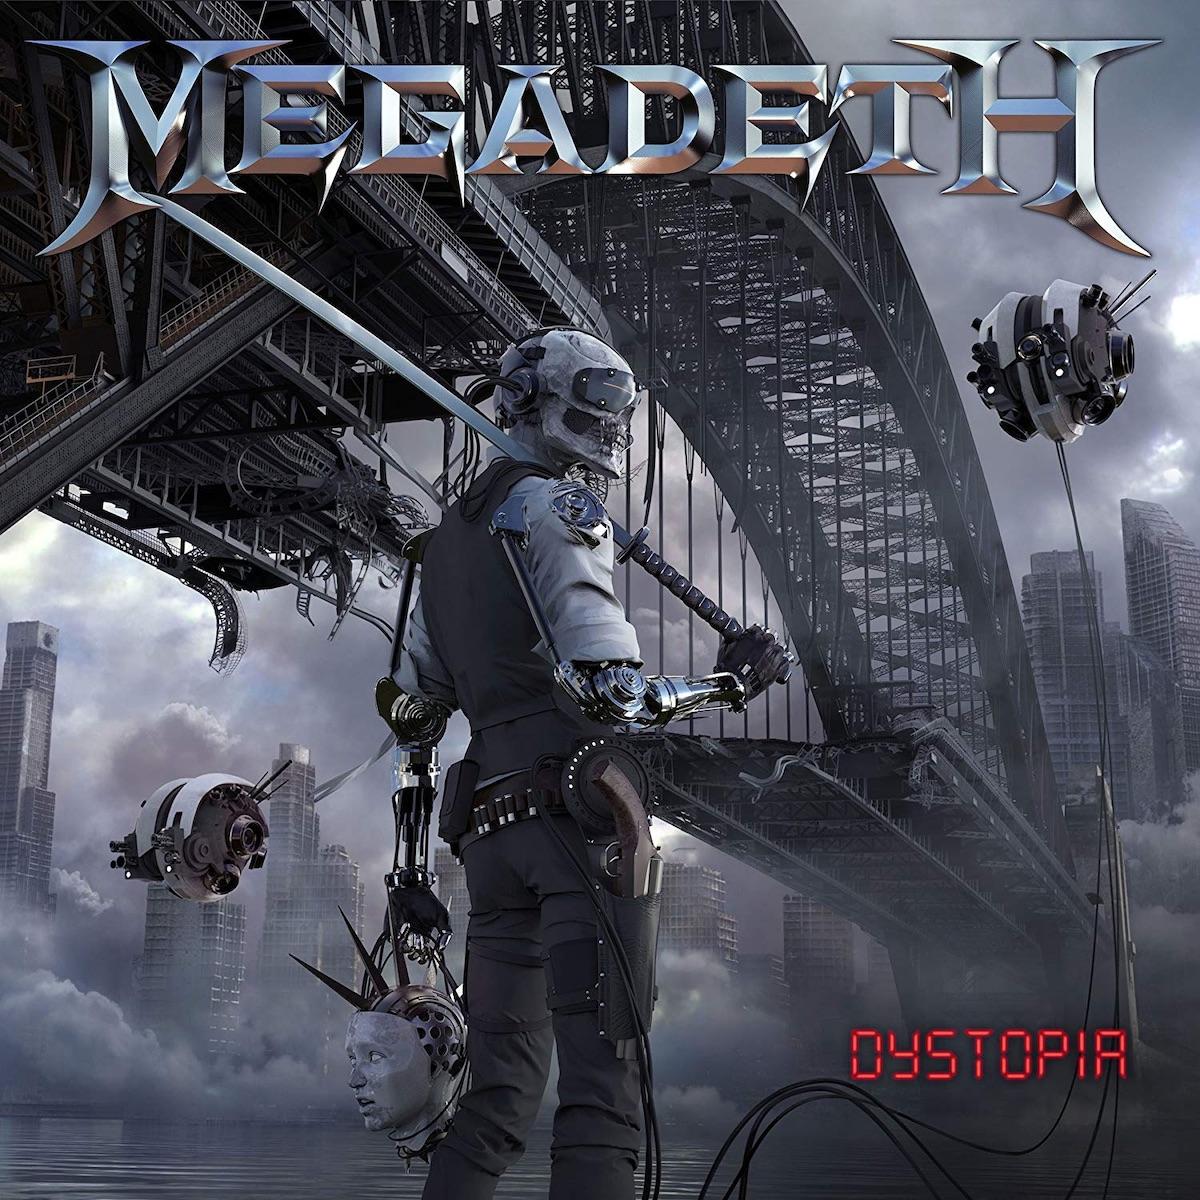 Megadeth - Dytopia